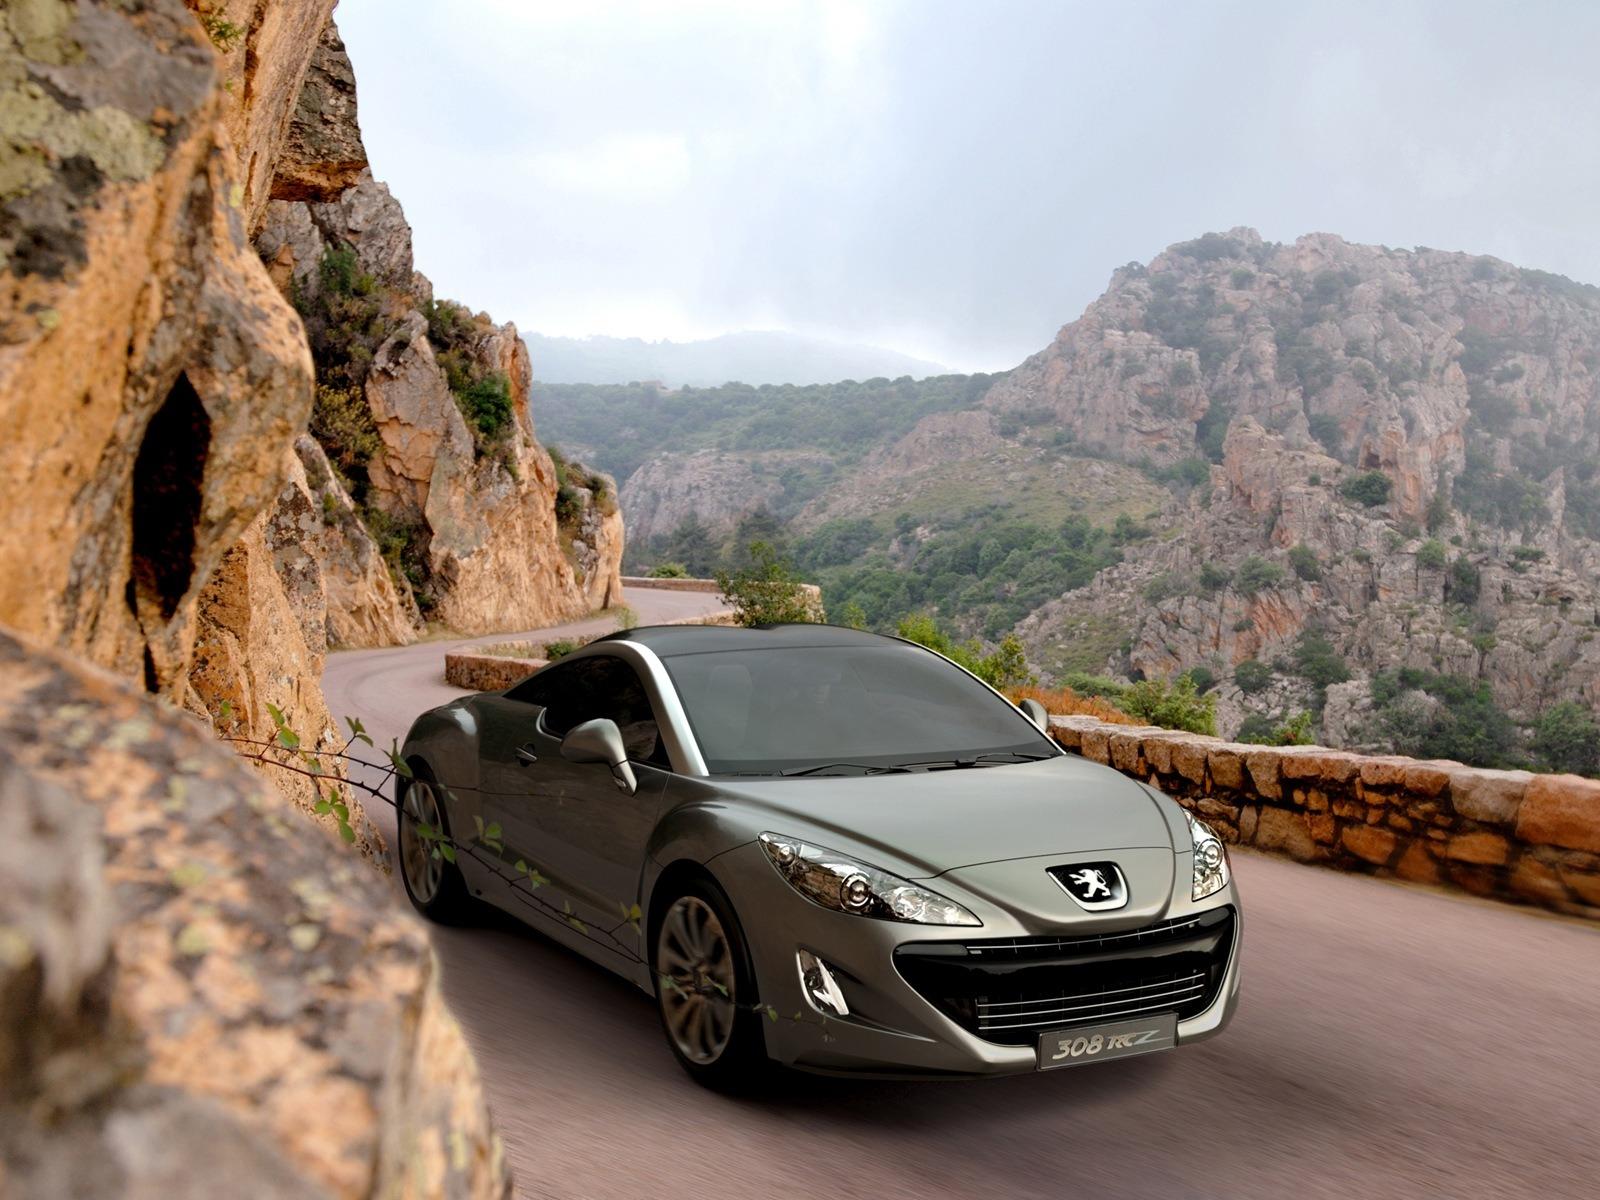 красивые фото в горах крутых авто привыкла следить собой